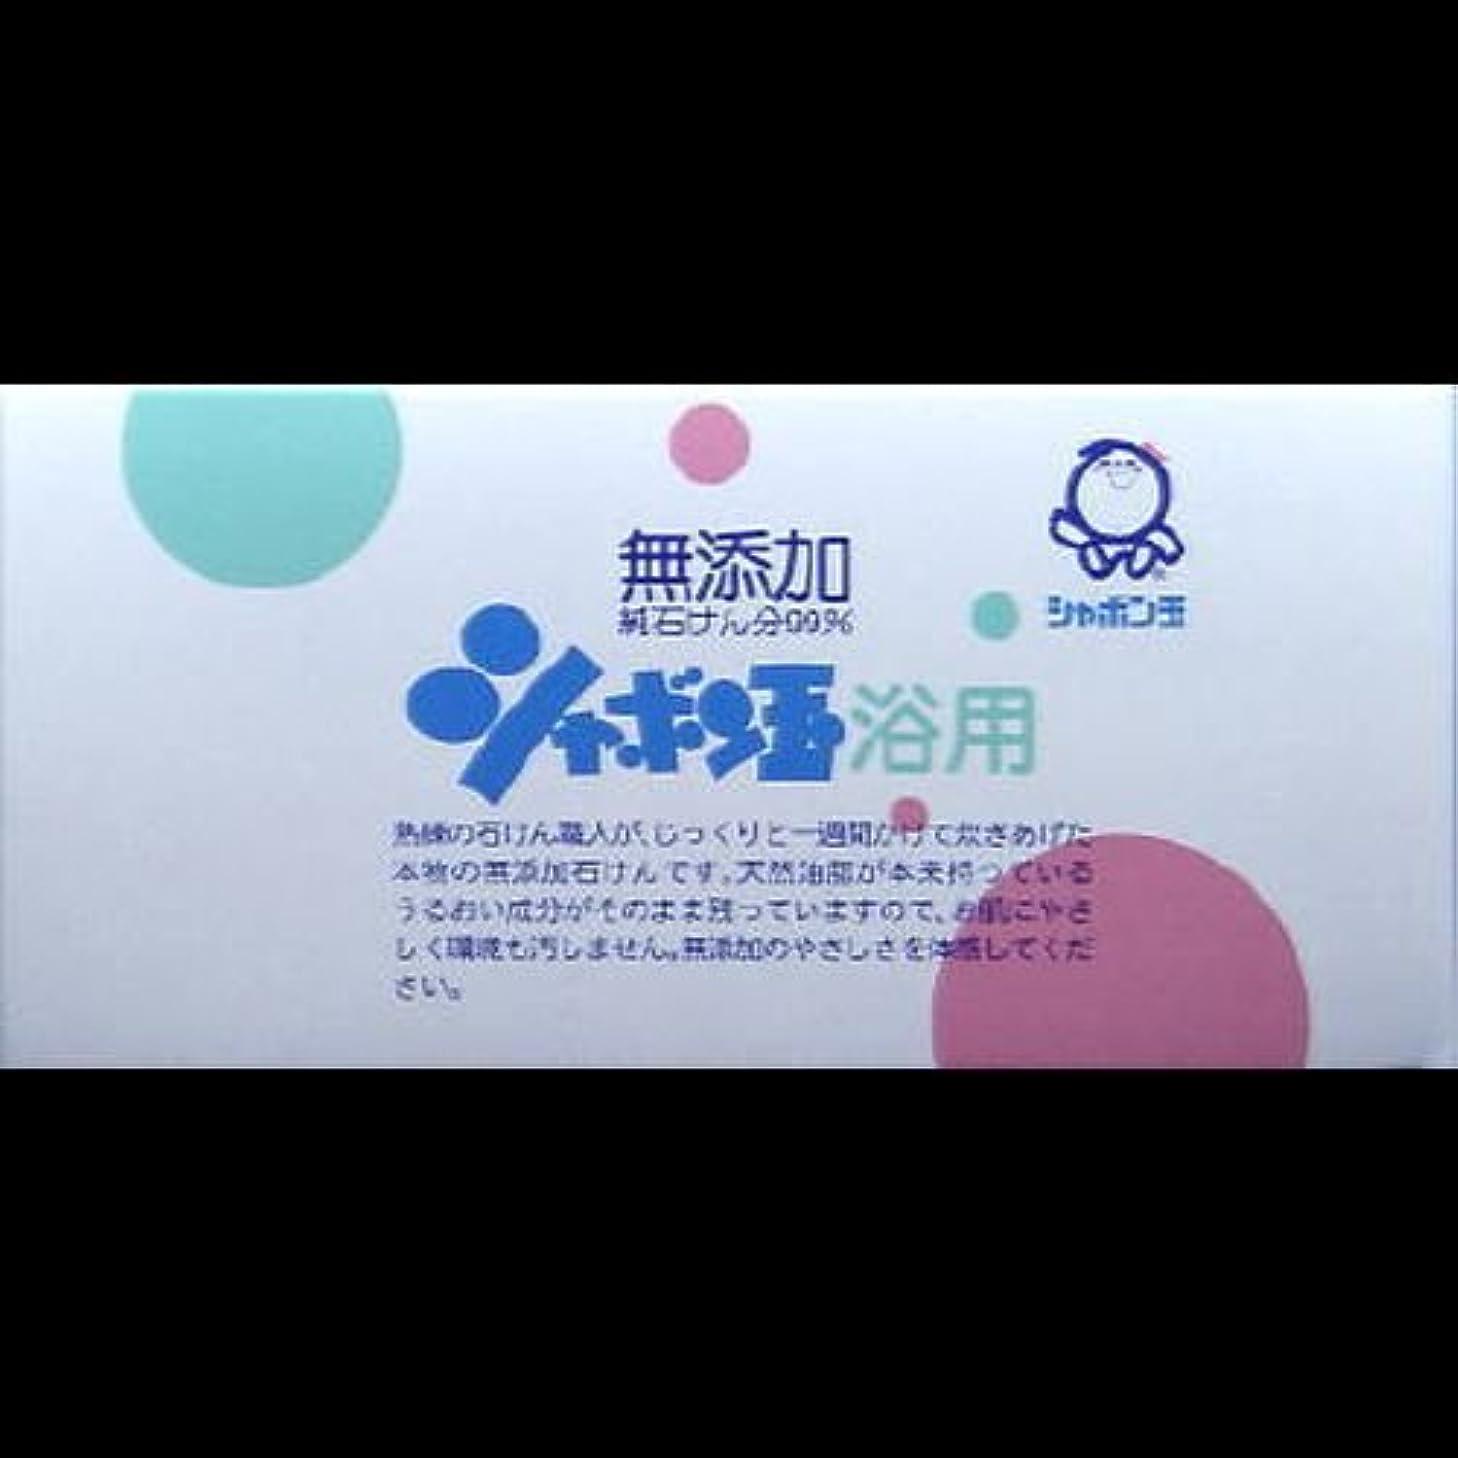 アーカイブ心理的に頼る【まとめ買い】シャボン玉 浴用 100g*3個 ×2セット